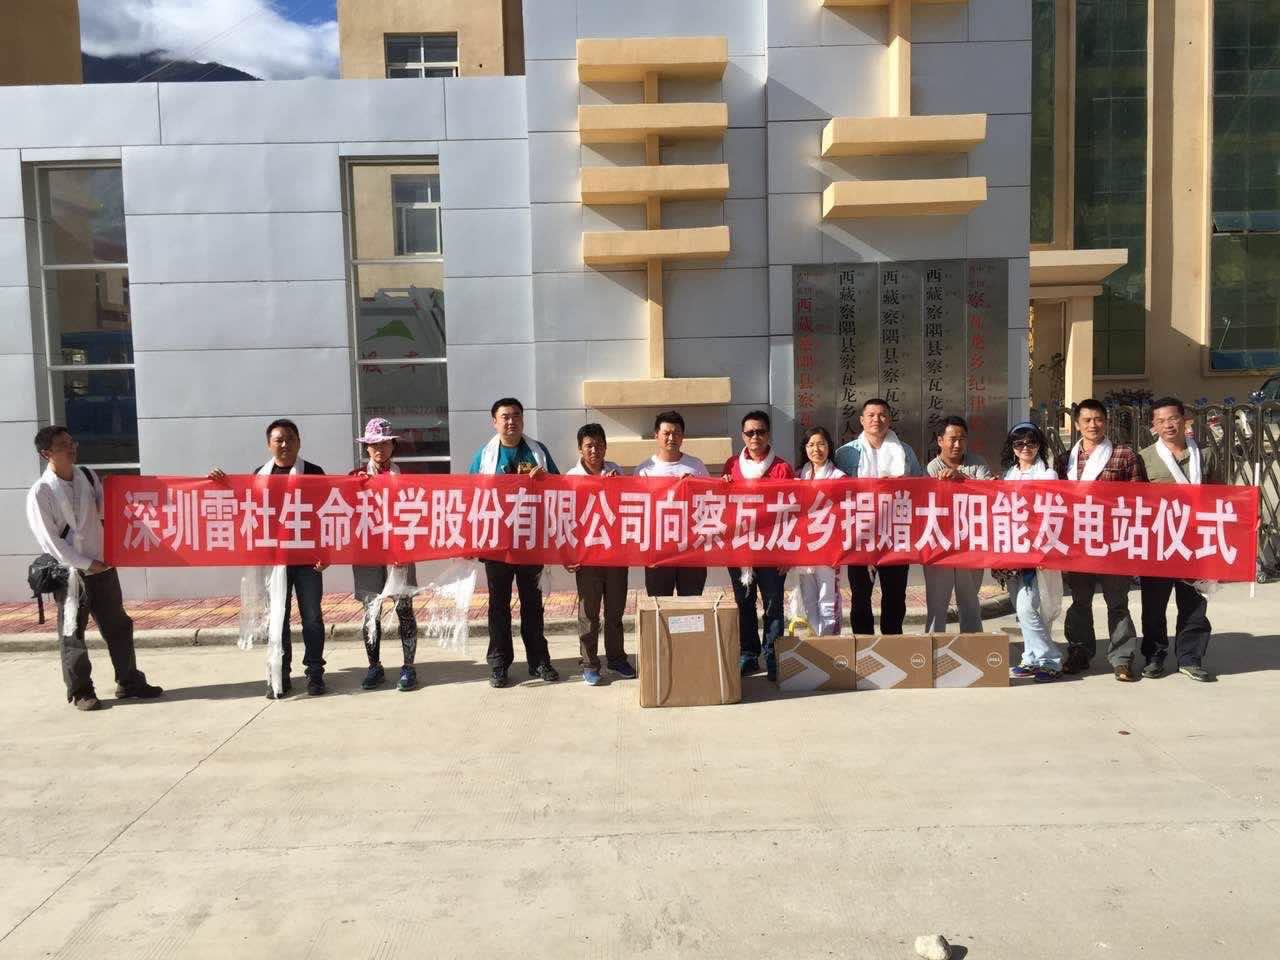 """""""送去光明,点亮希望""""雷杜公司向西藏察瓦龙乡援建太阳能光伏电站"""